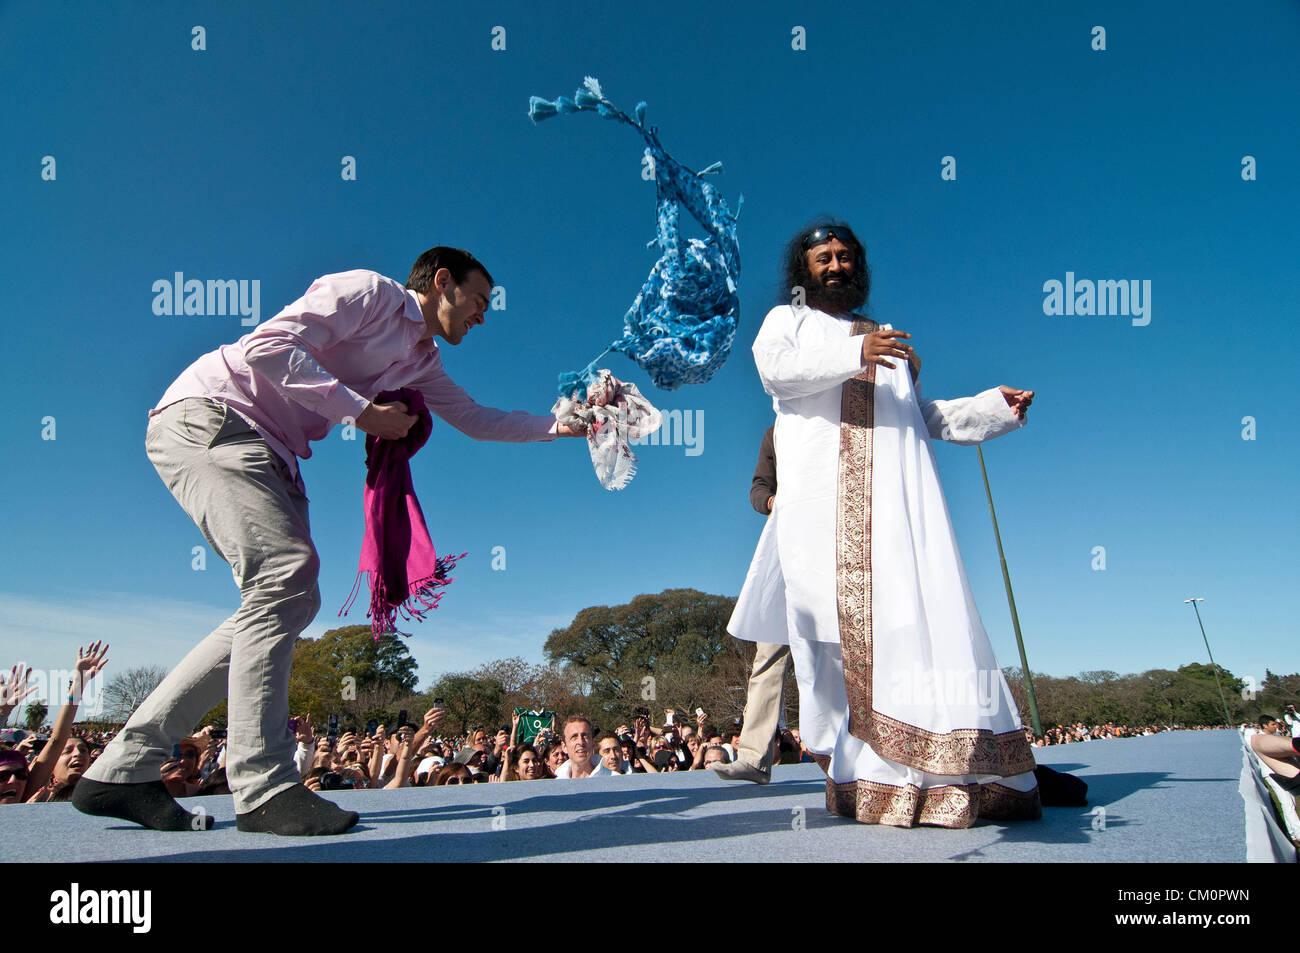 Septiembre 9, 2012 - Buenos Aires, Argentina - el gurú indio Sri Sri Ravi Shankar, líder de la ONG El Imagen De Stock